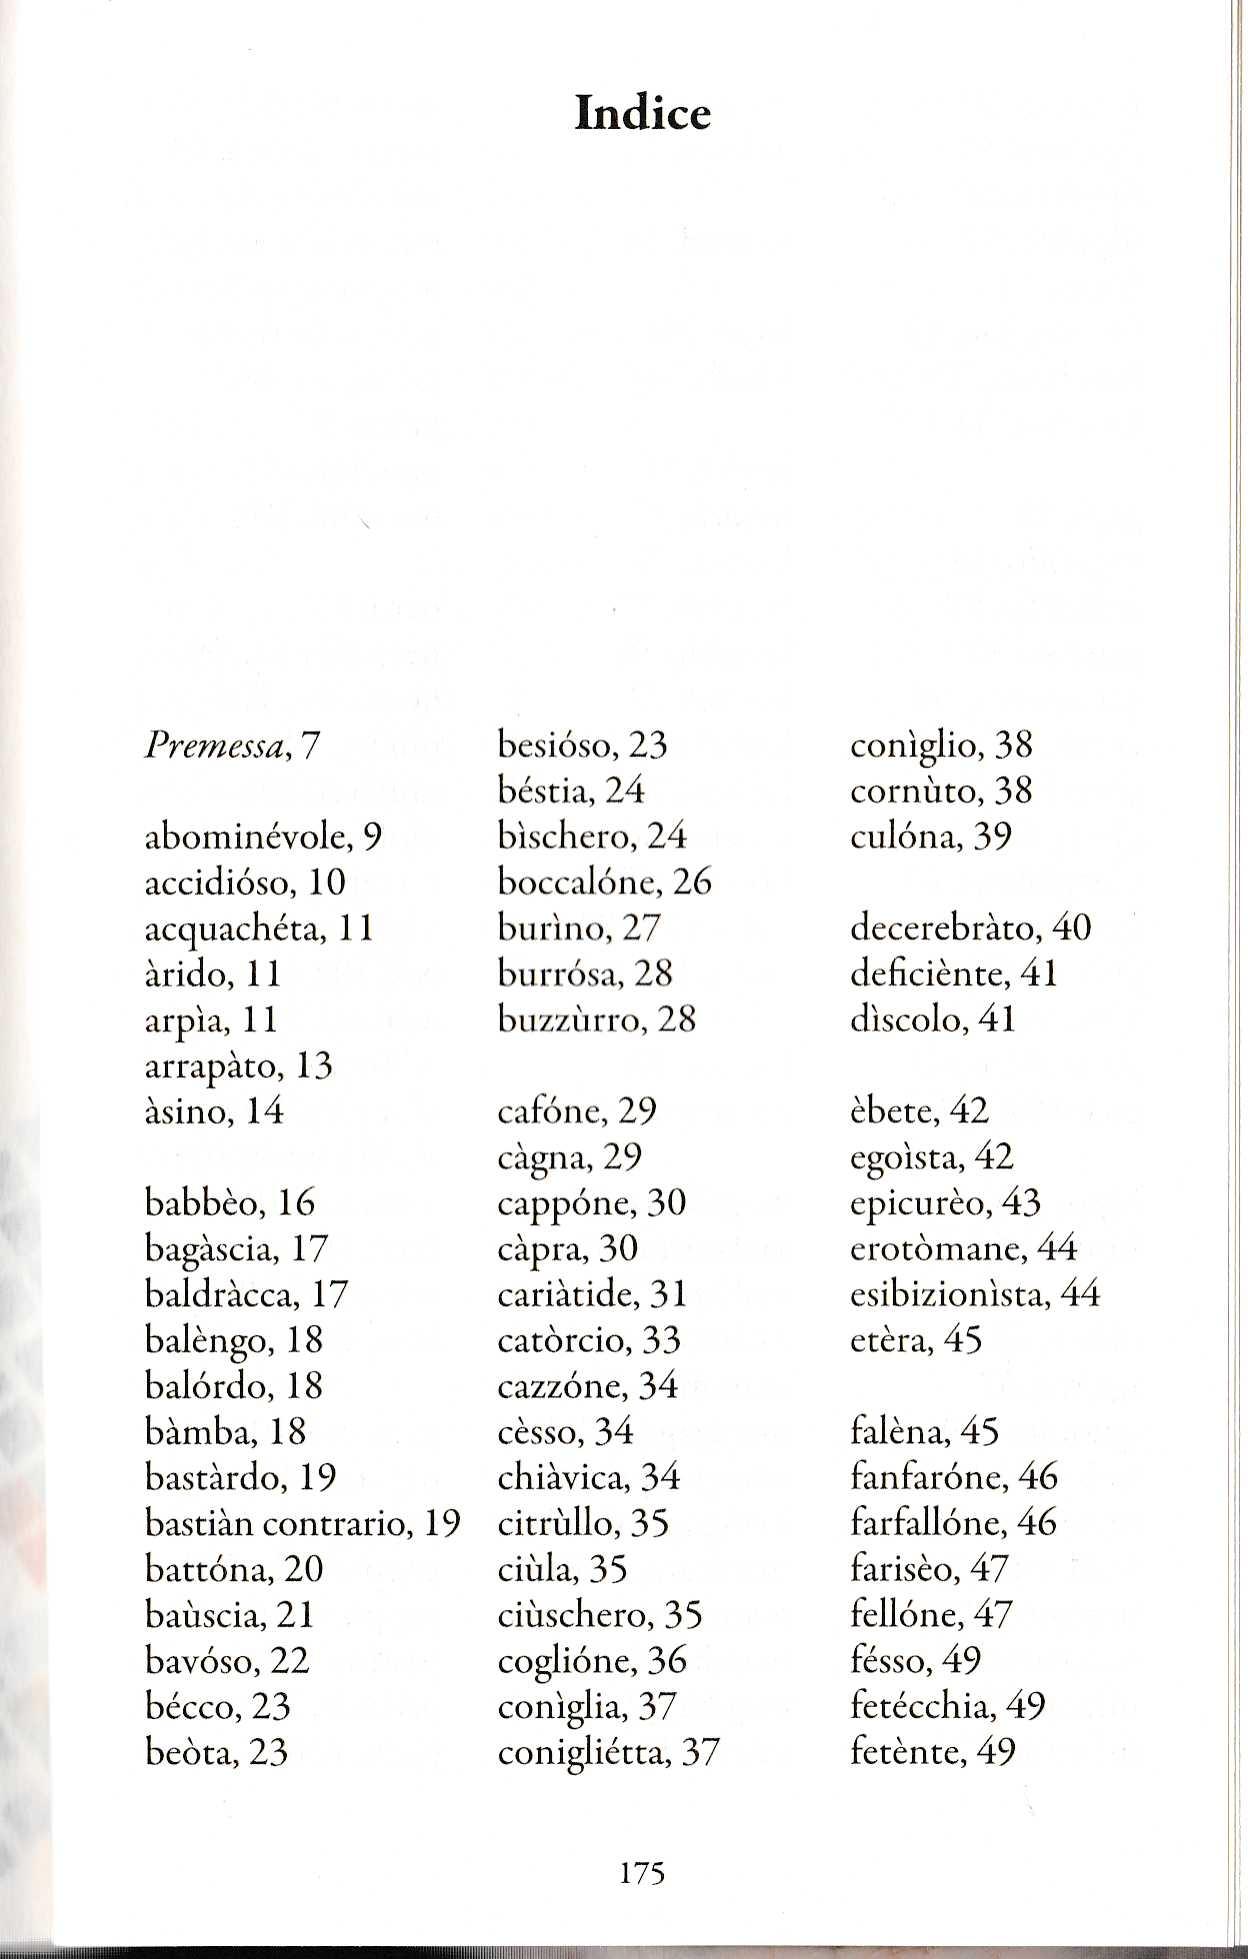 roncoroni456